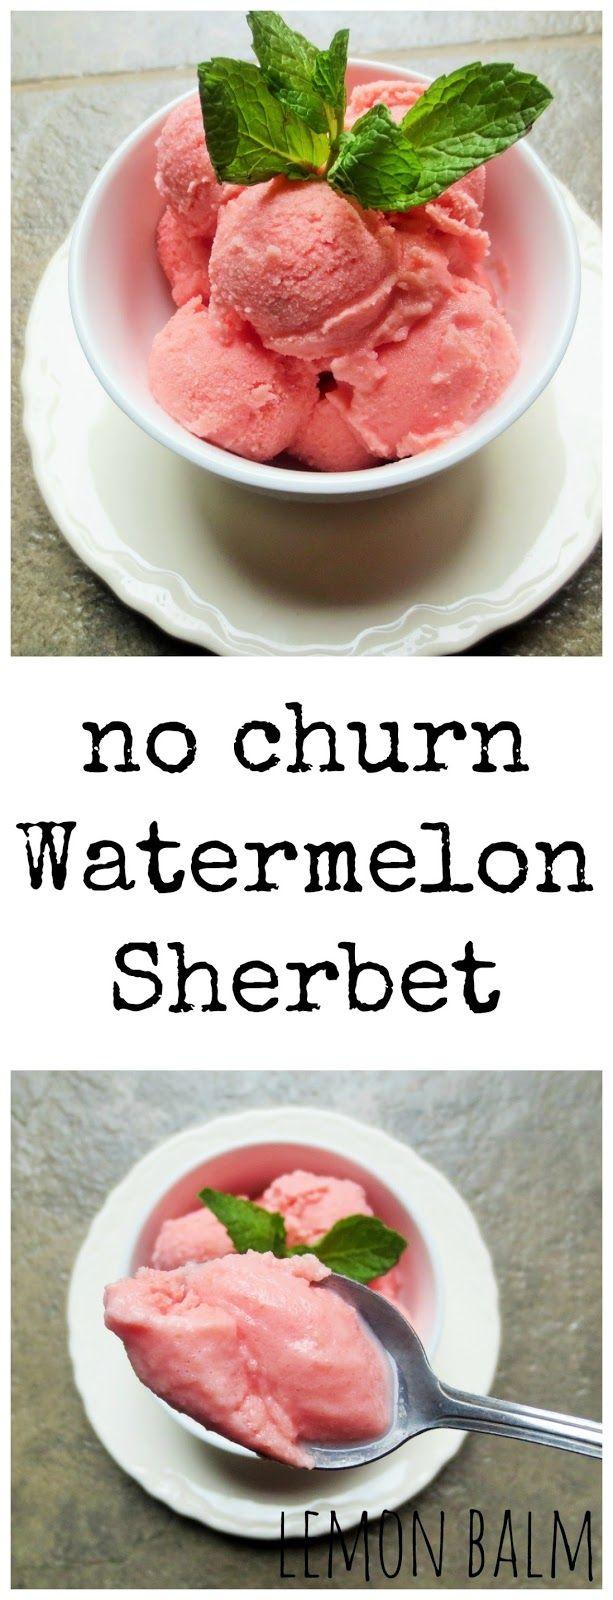 Lemon Balm: No Churn Watermelon Sherbet